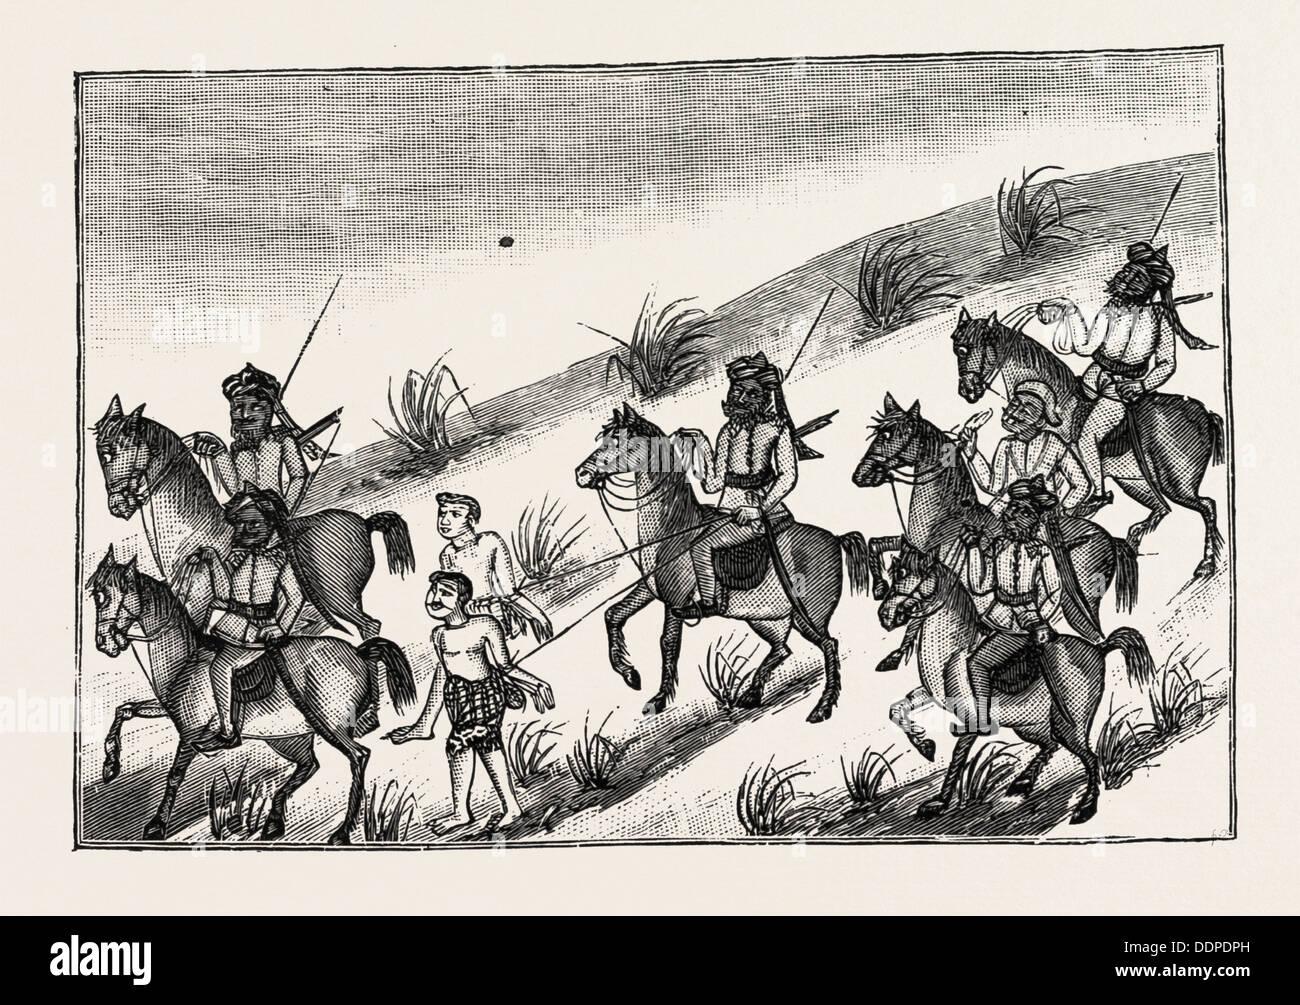 La vida de un DACOIT BIRMANO Y, con sus compañeros, finalmente, capturado, grabado 1890 Imagen De Stock